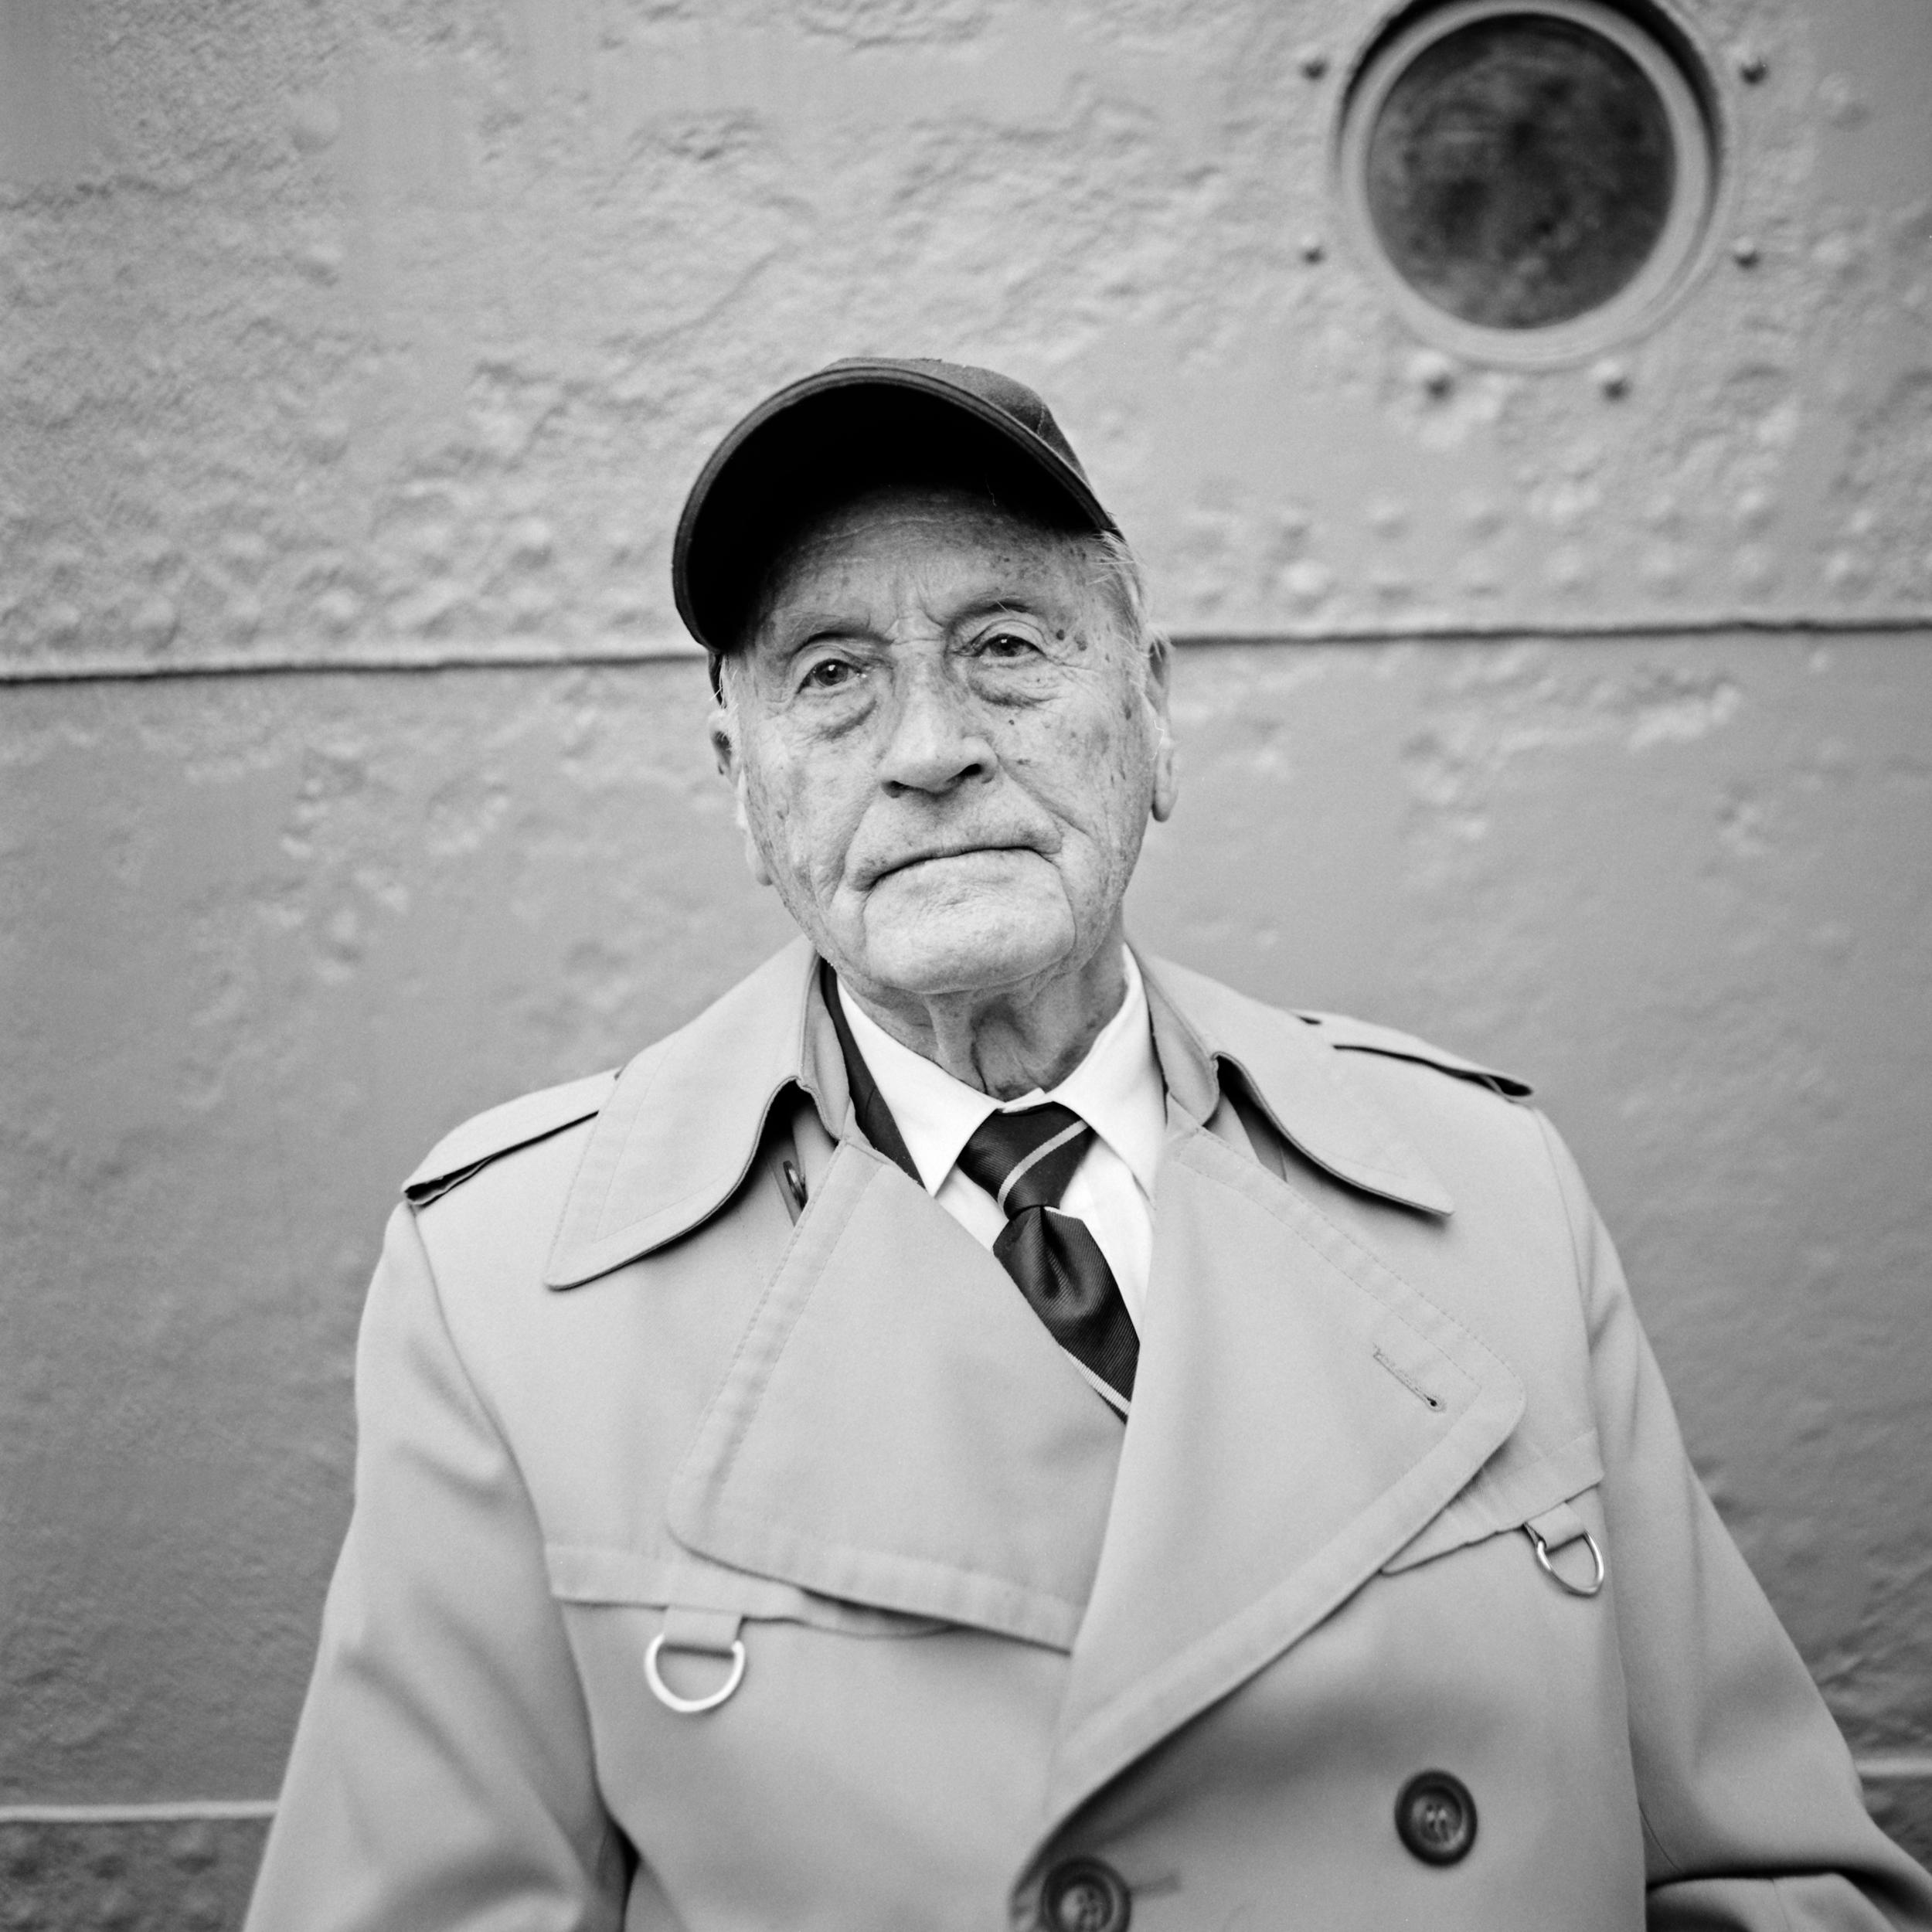 Rolf Kolling